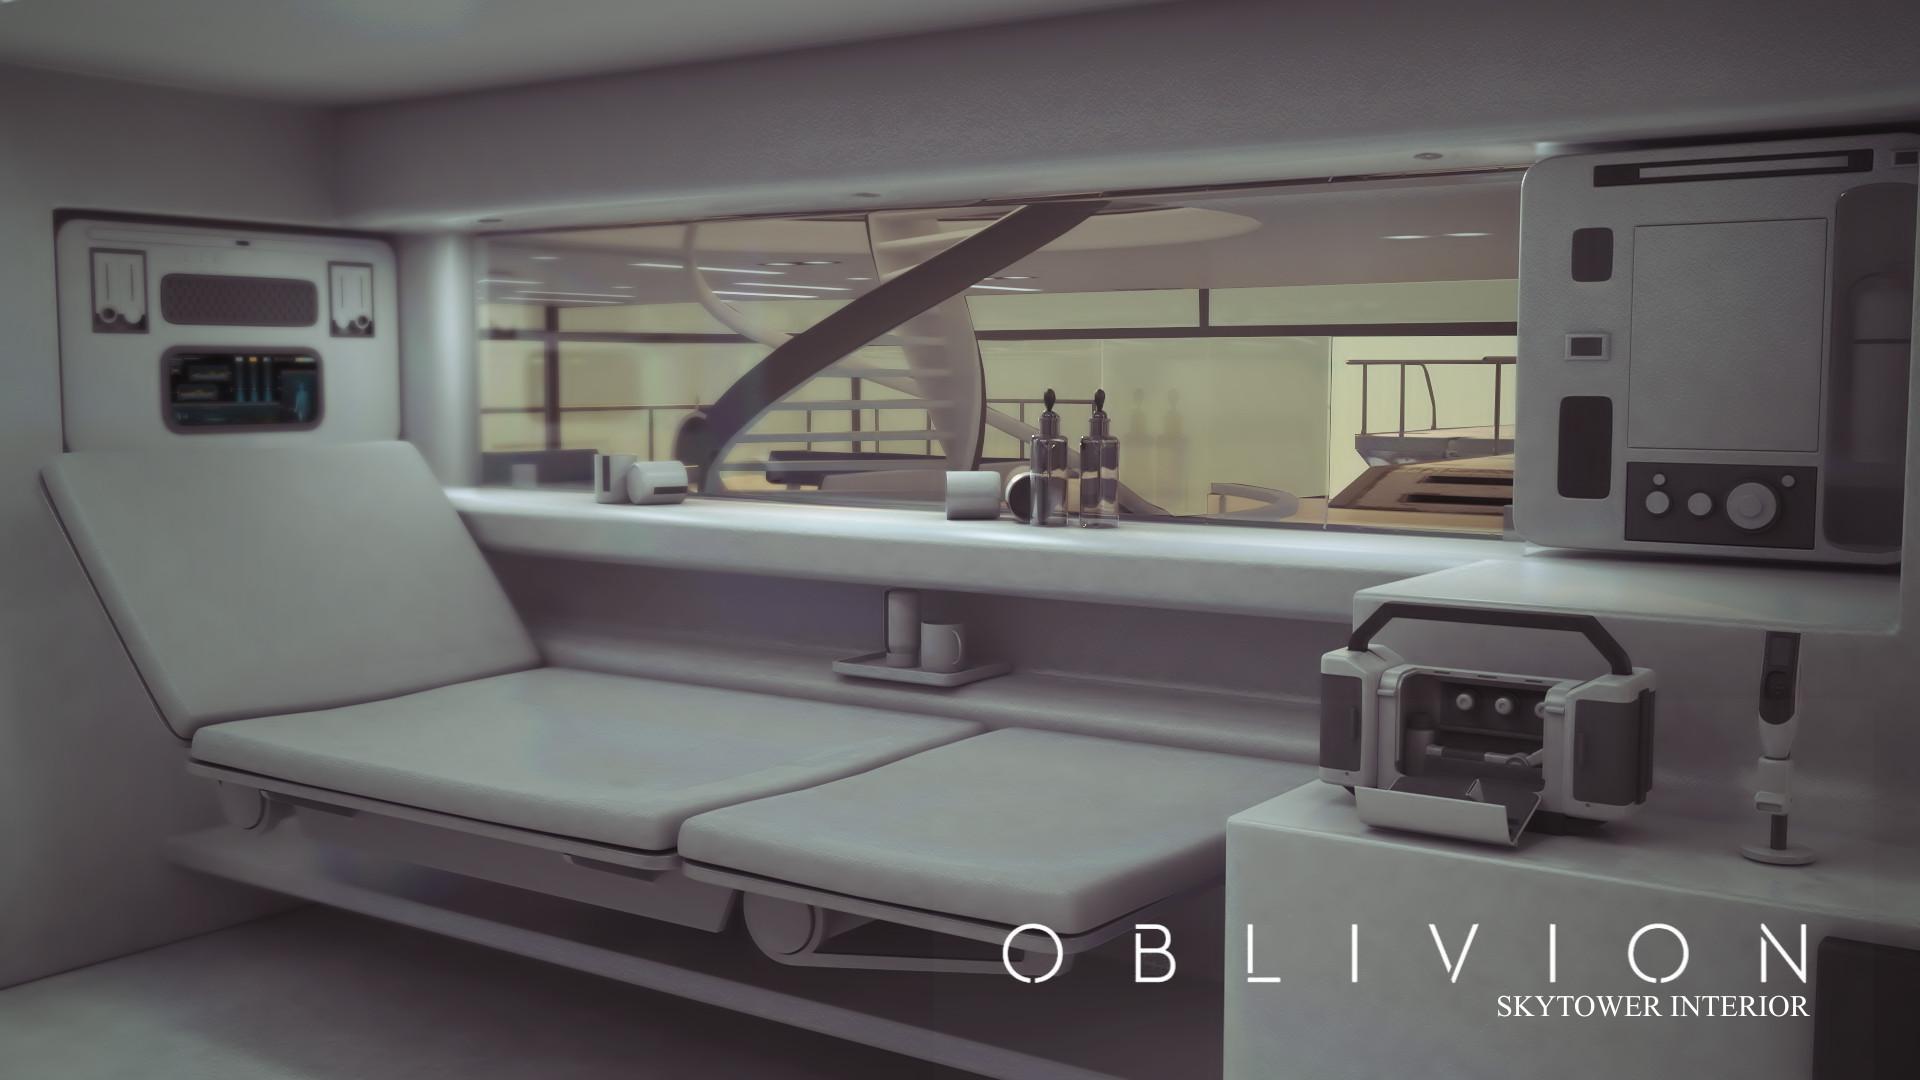 Artstation Oblivion S Skytower Interior Medical Room